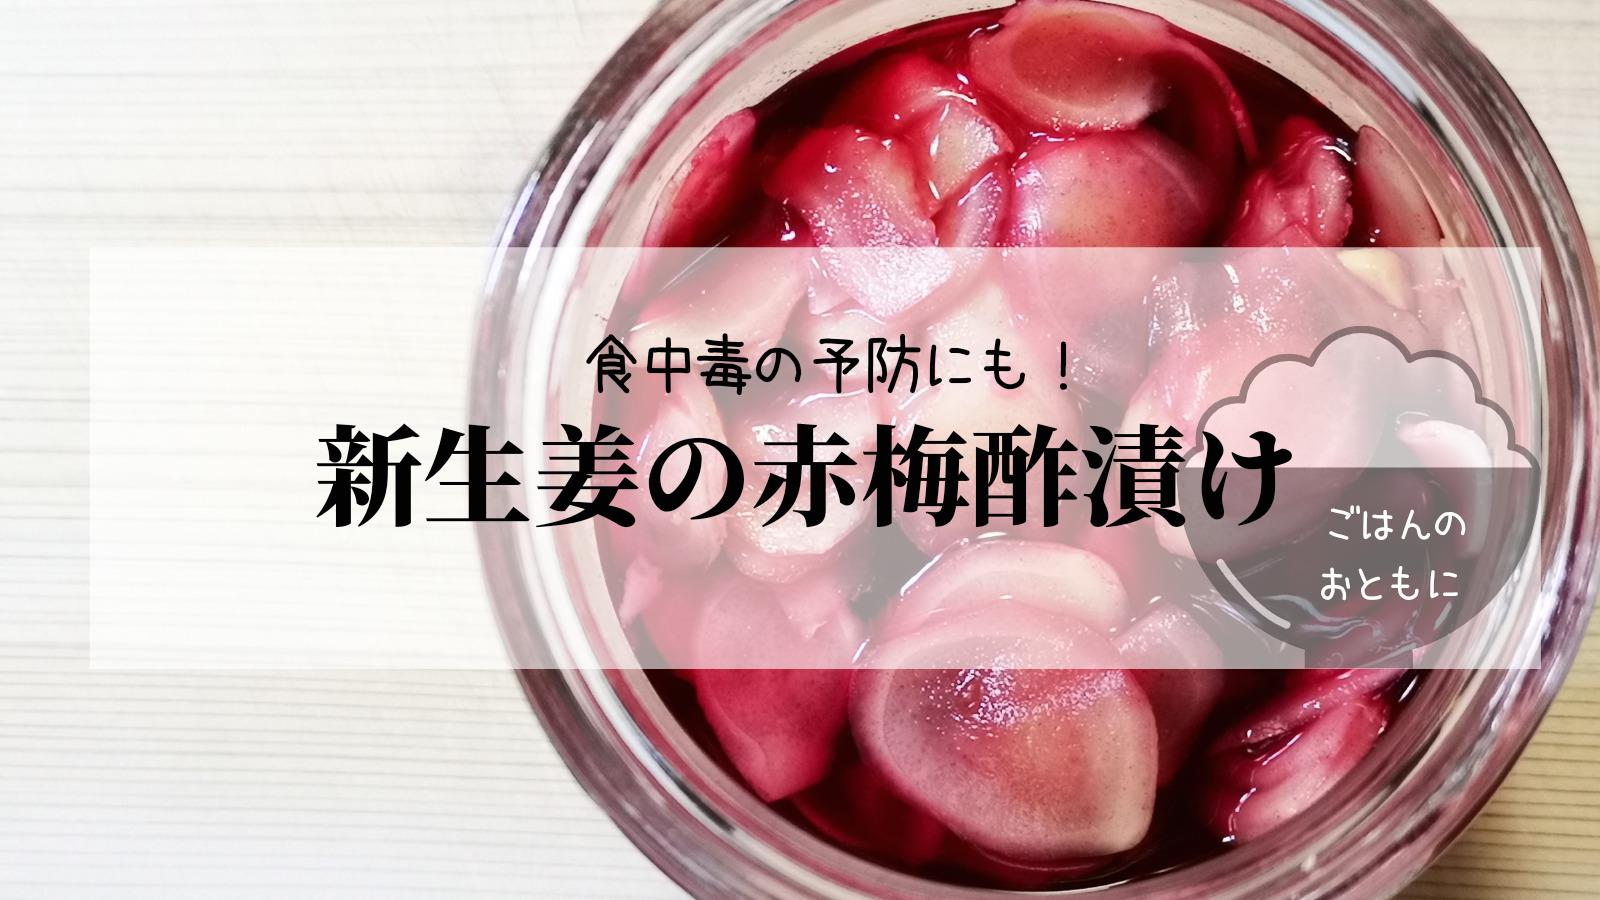 食中毒の予防にも 新生姜の赤梅酢漬け